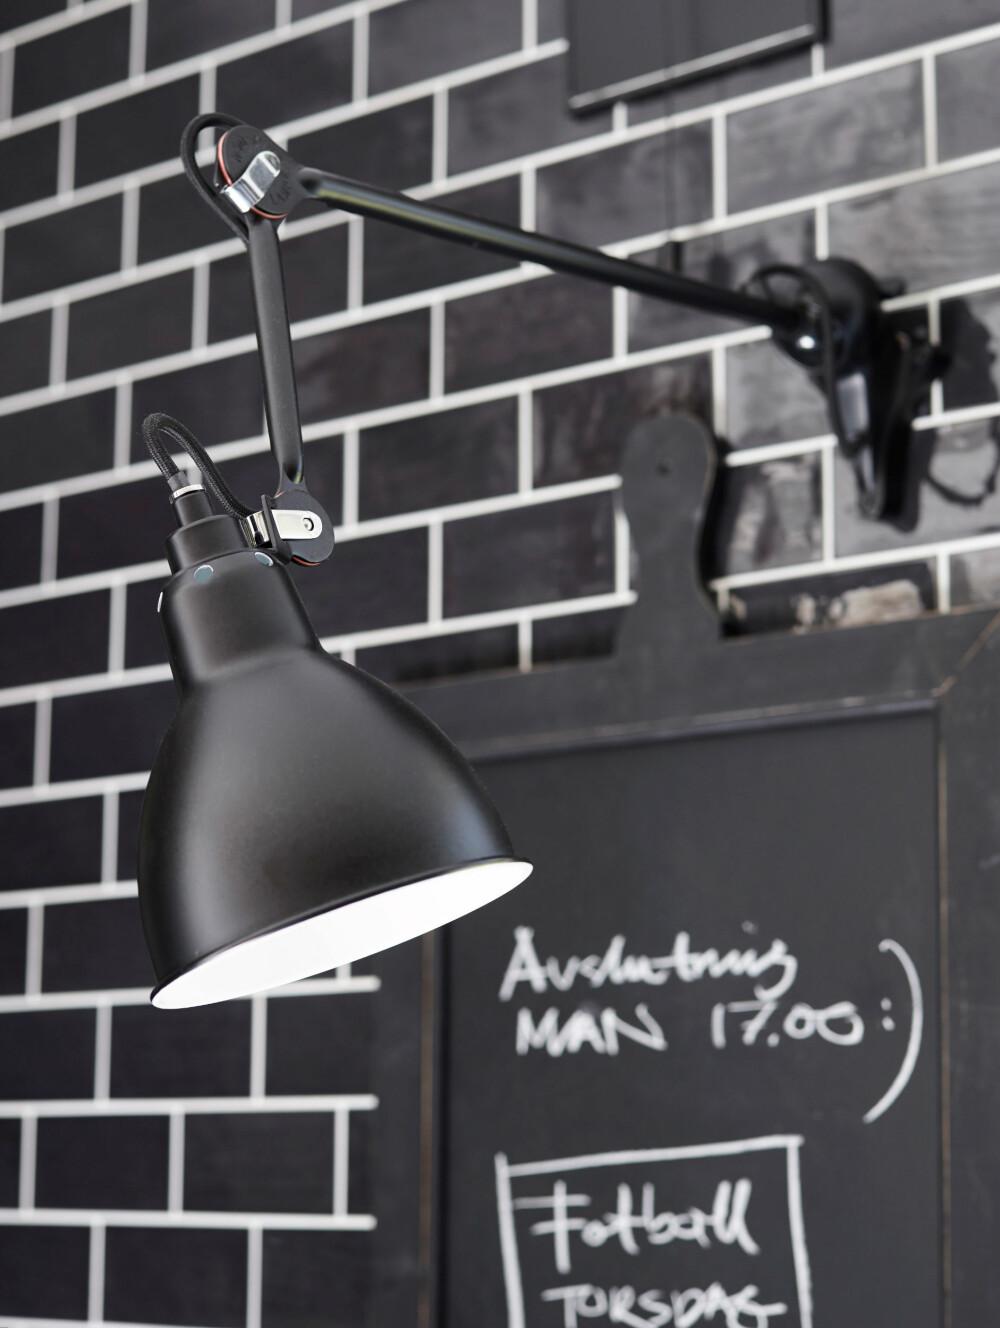 HÅNDLAGDE FLISER: Flisene på veggen er håndlagde, og alle er derfor ikke helt like. Den svarte lampen gir arbeidslys ned på benken, den har bevegelig arm slik at lysstrålen kan varieres. Tenk alternativt når det kommer til belysning!